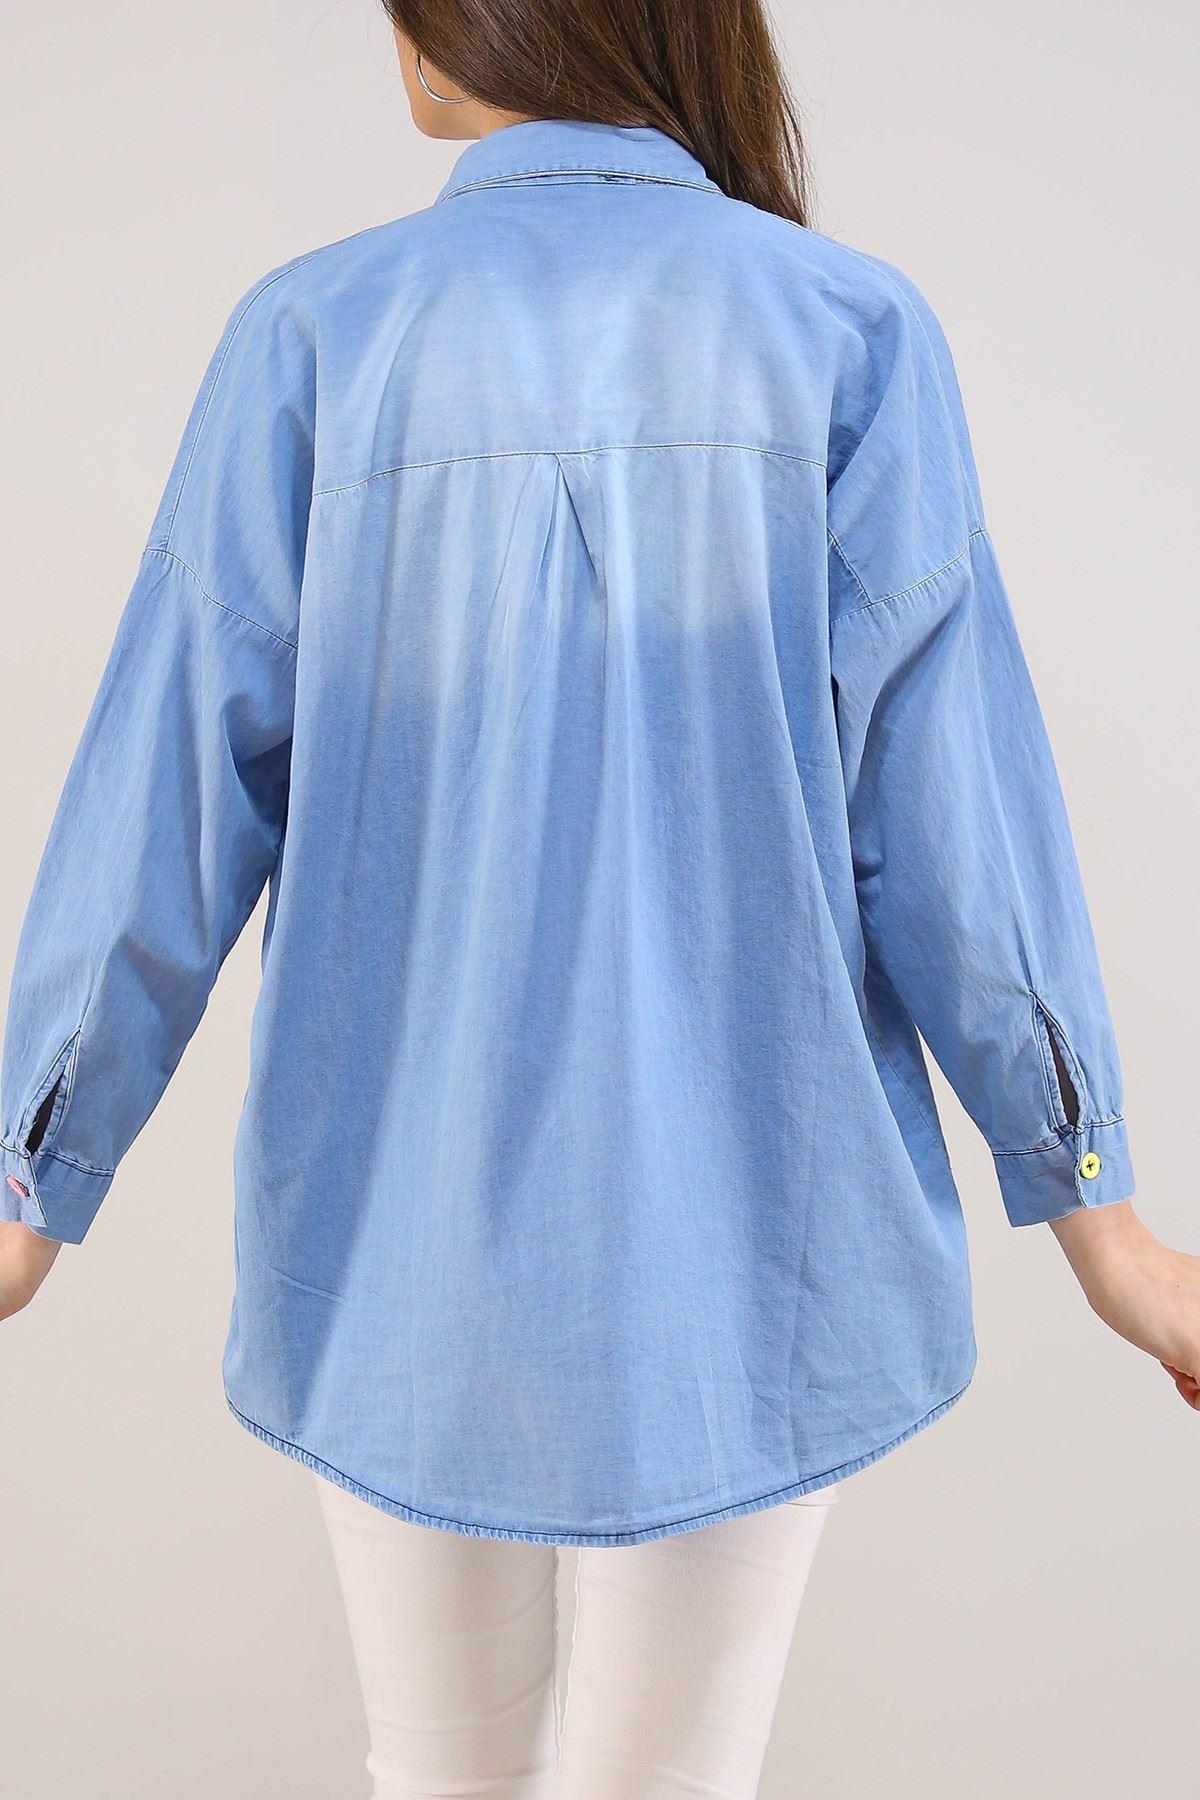 Kız Bebekli Kadın Kot Gömlek Açıkmavi - 8054.1352.